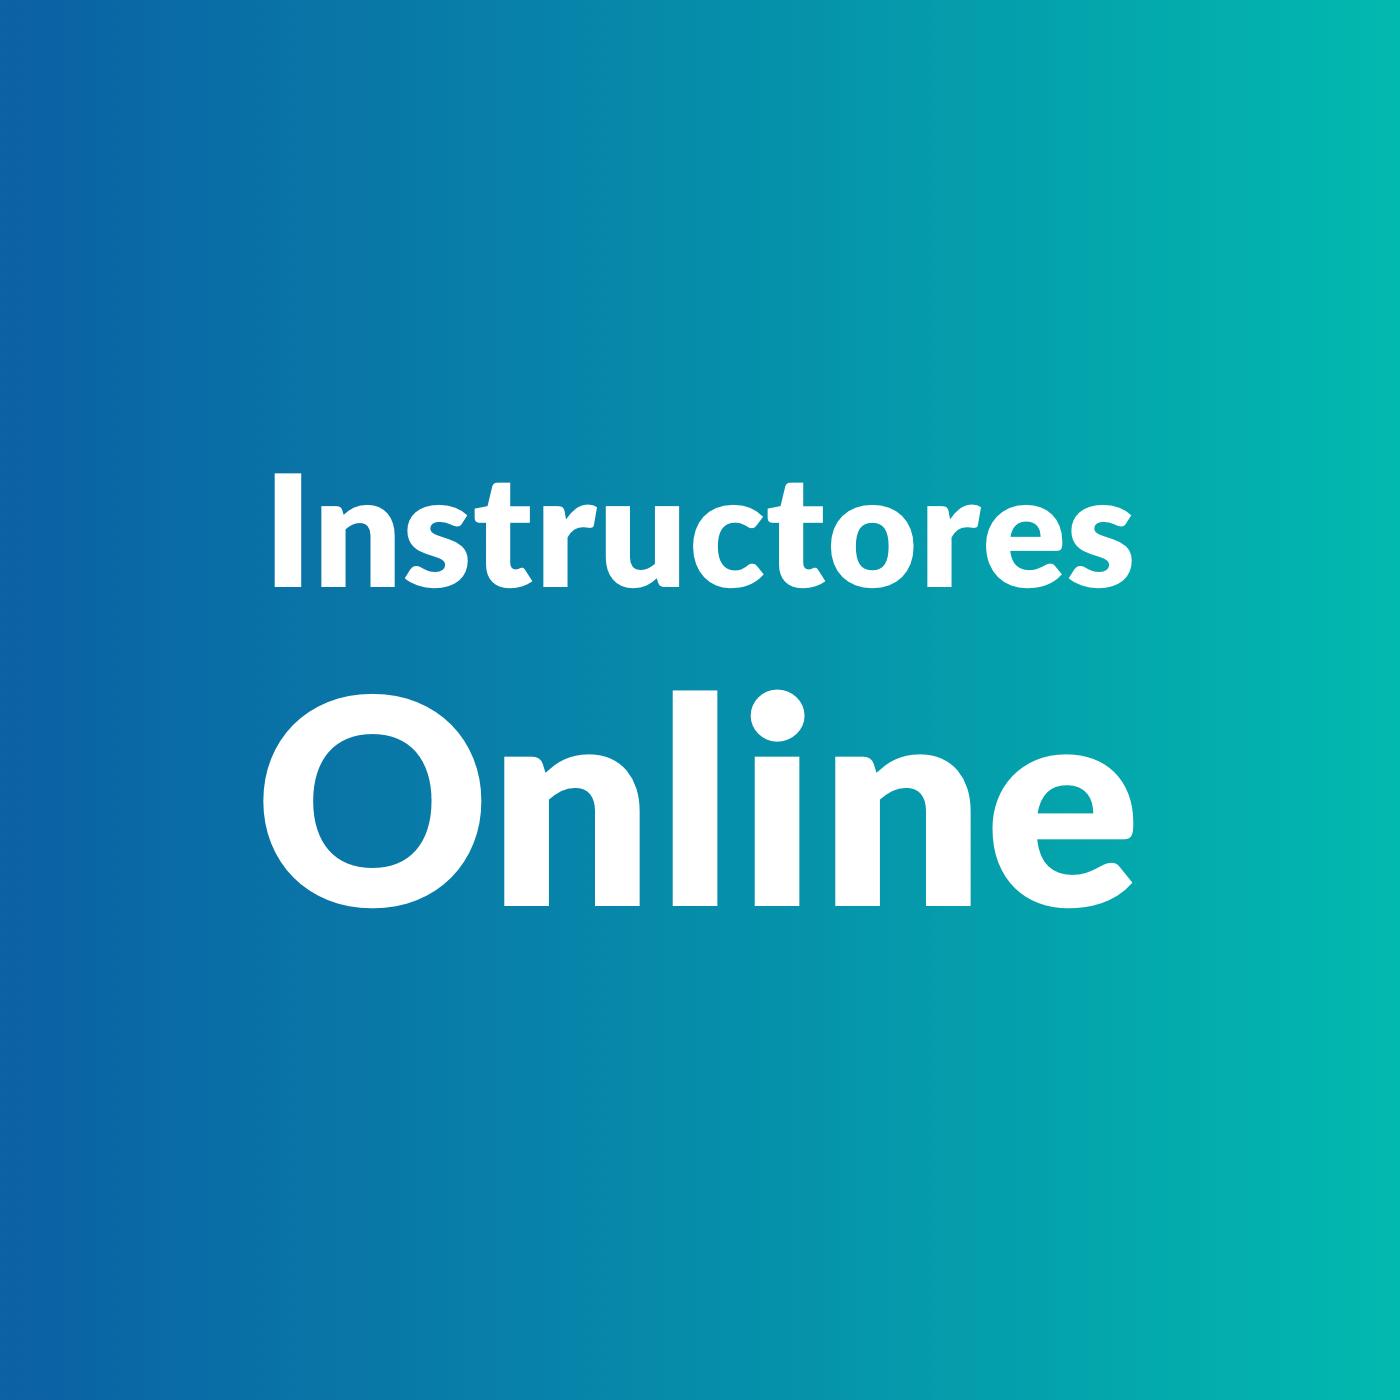 Instructores Online